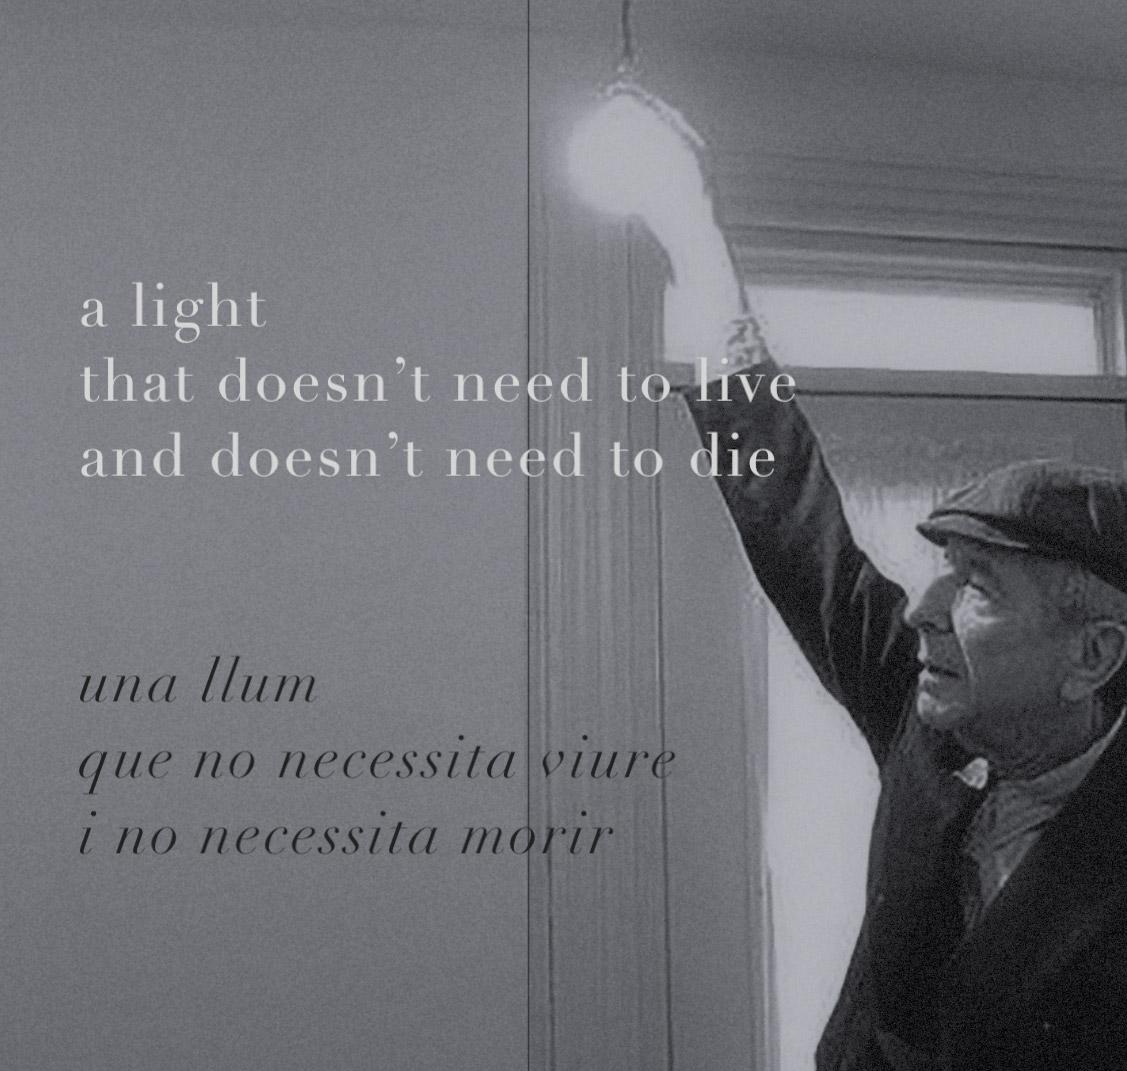 Una llum